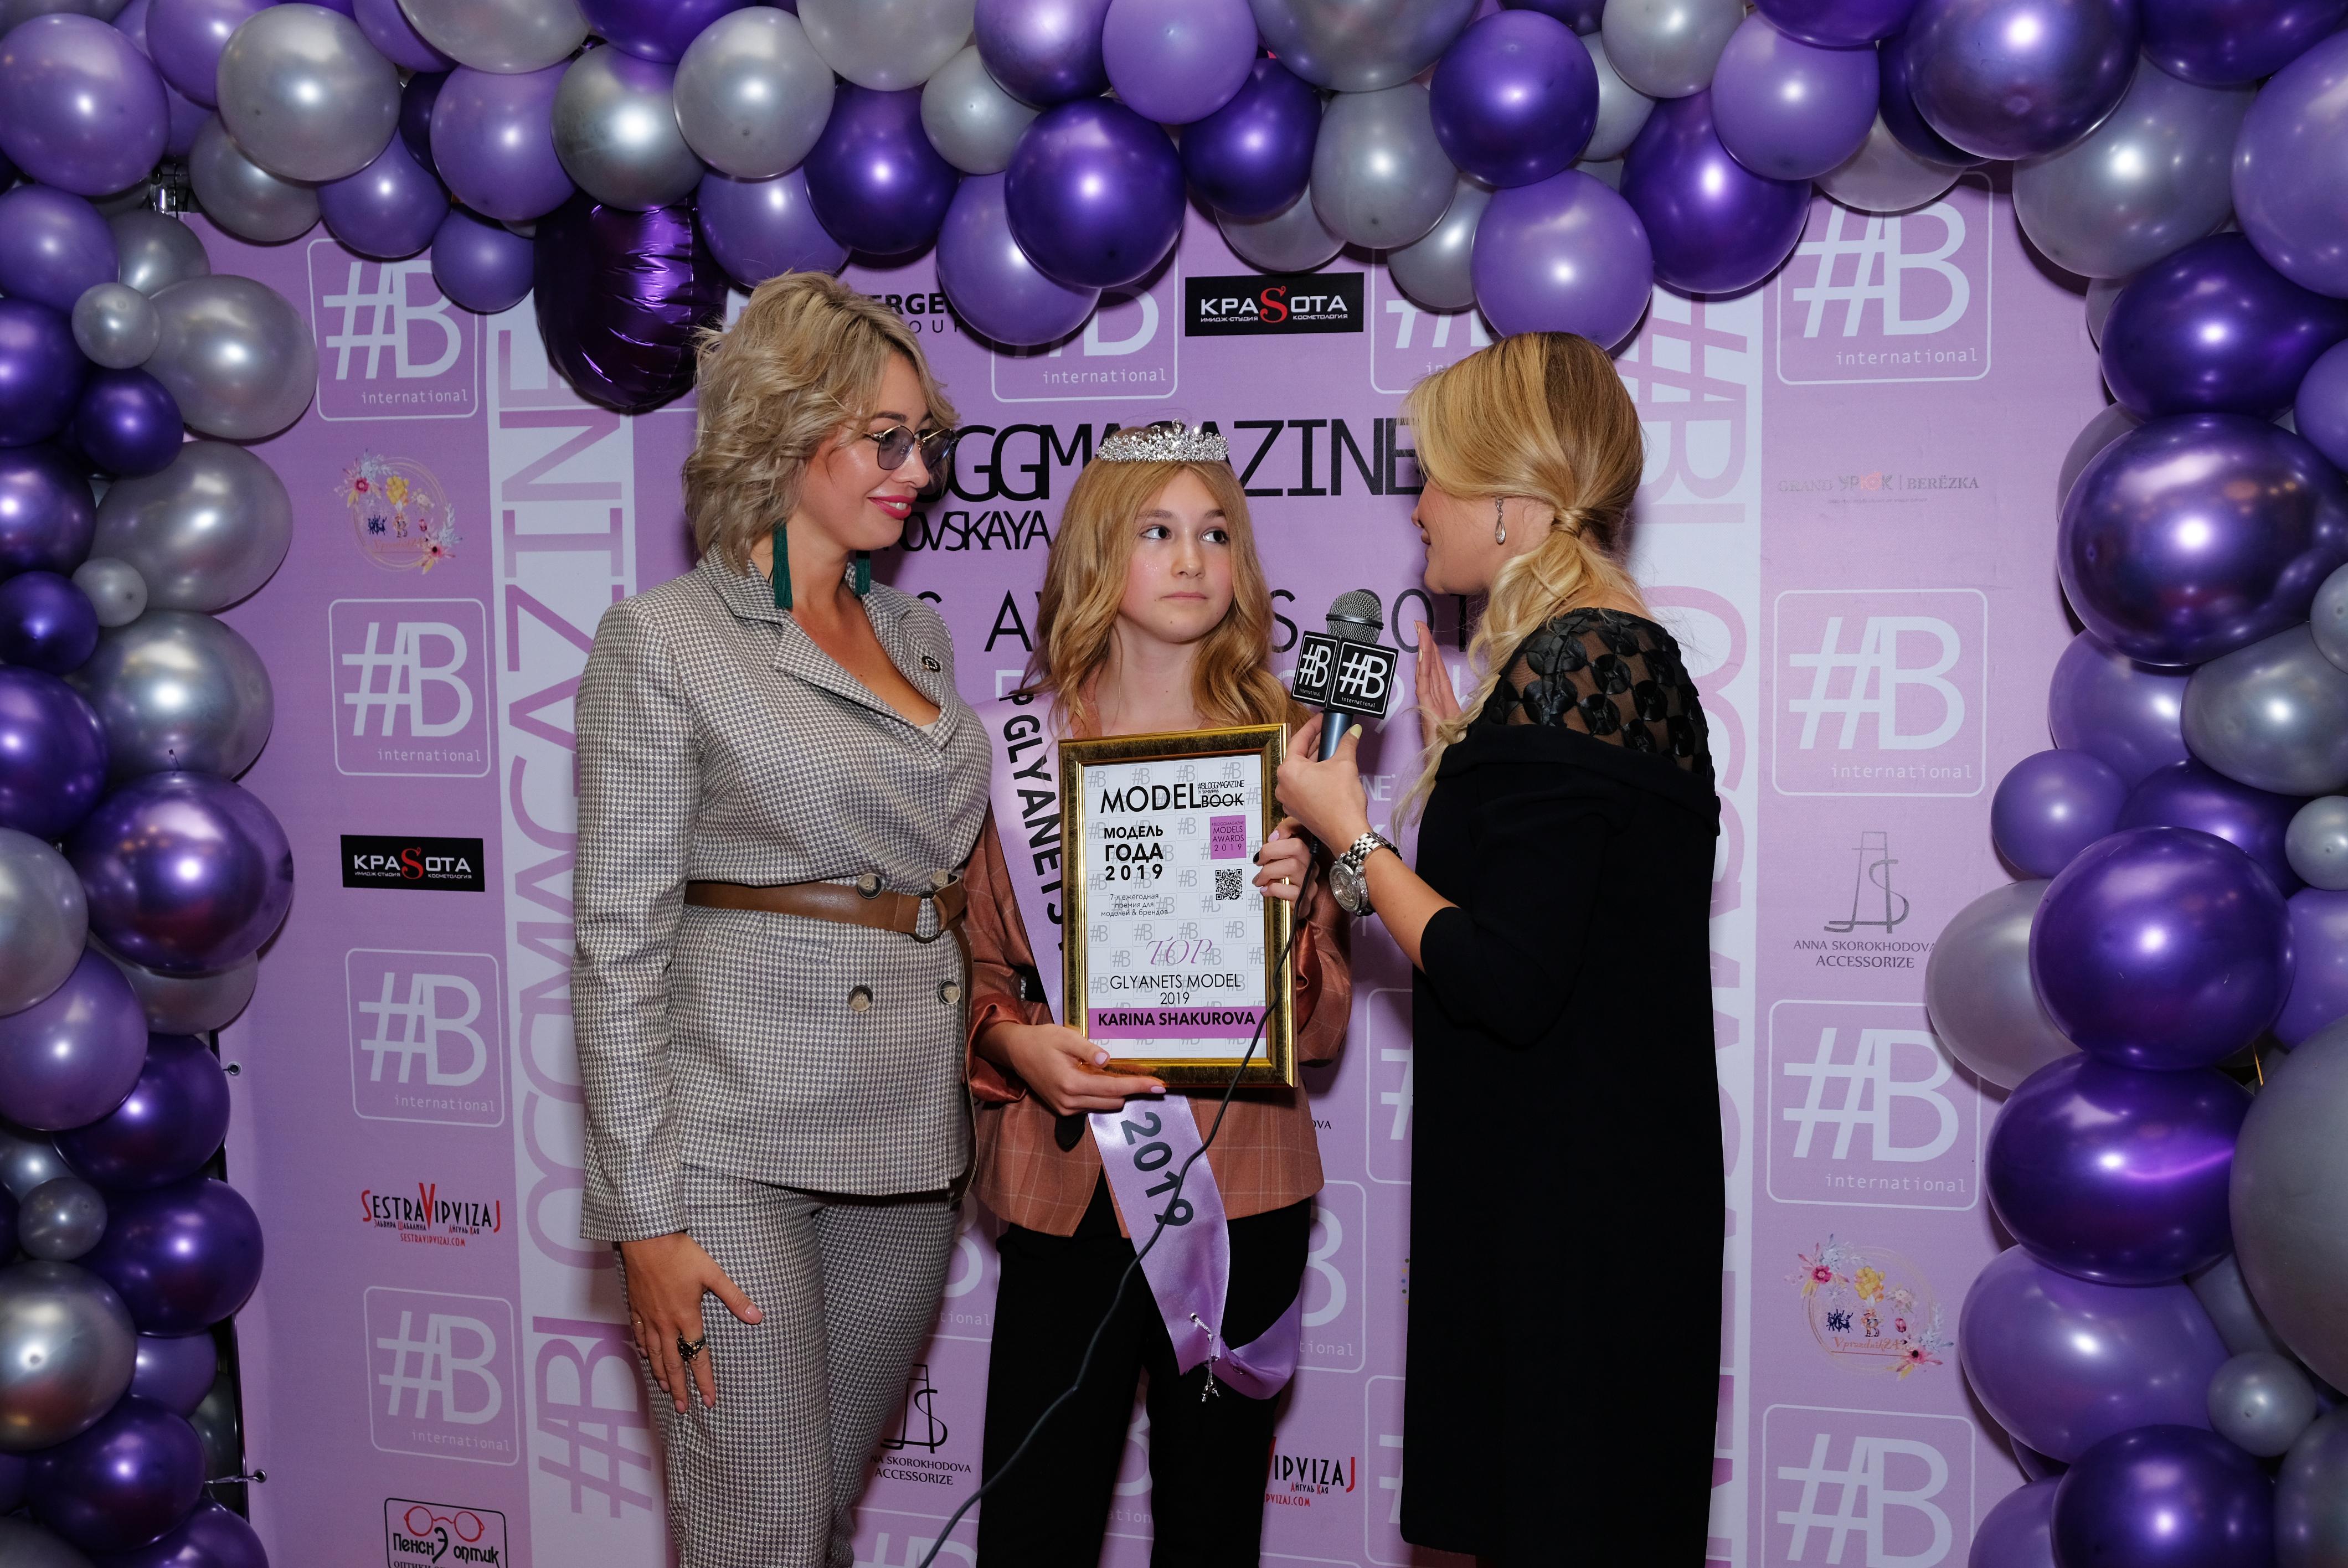 bloggmagazine_models_awards2019_9